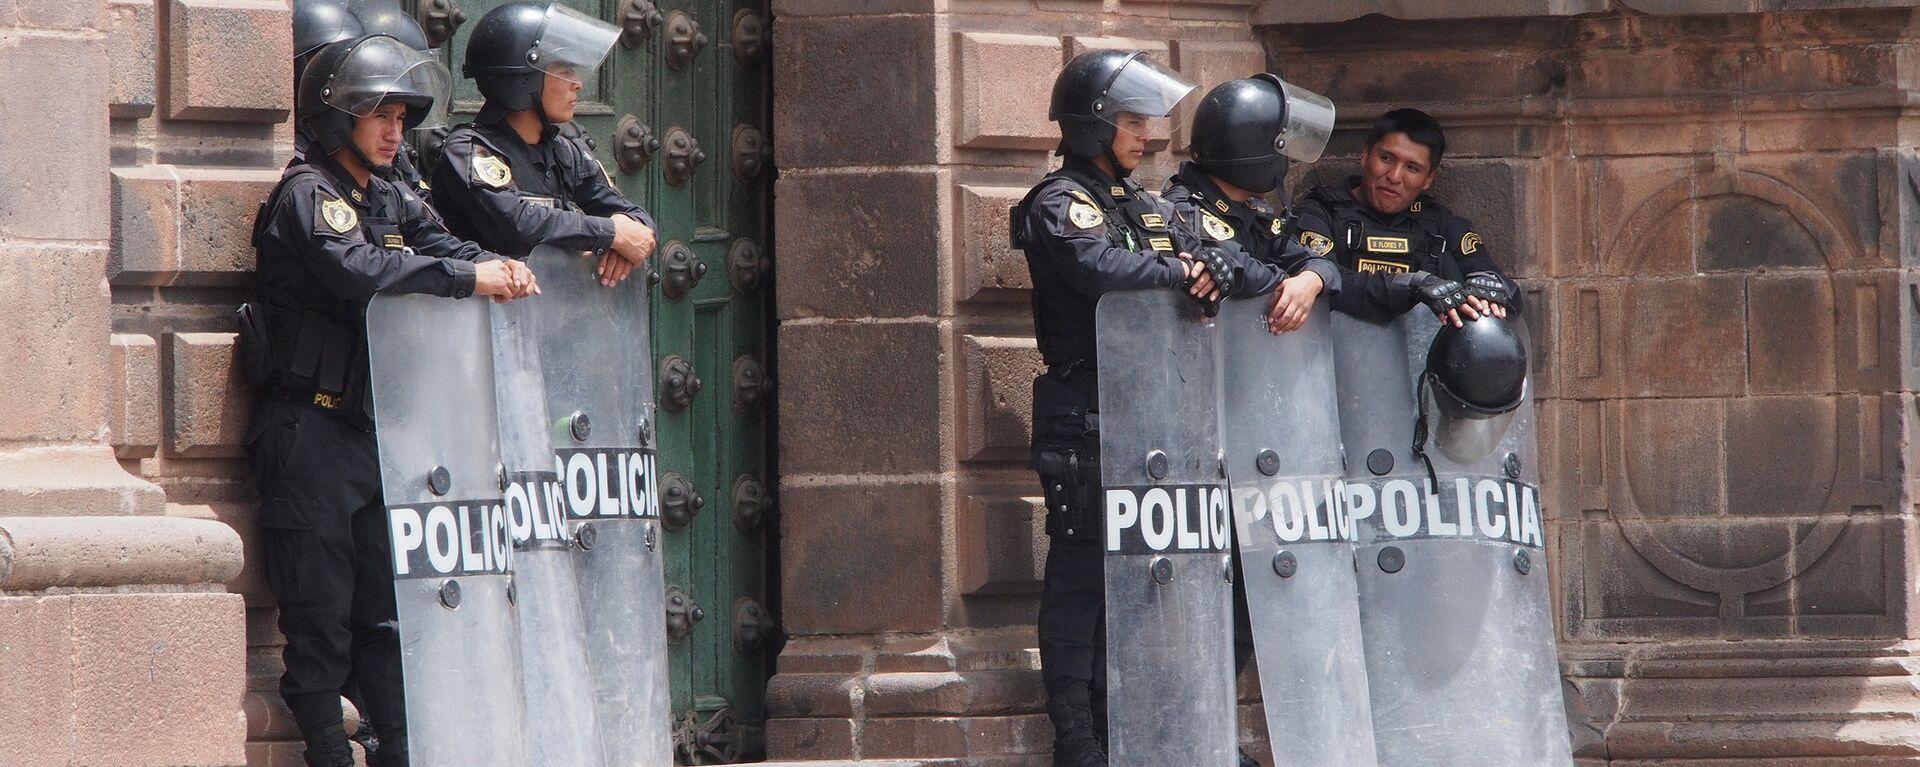 Policías peruanos en Cuzco - Sputnik Mundo, 1920, 05.08.2021